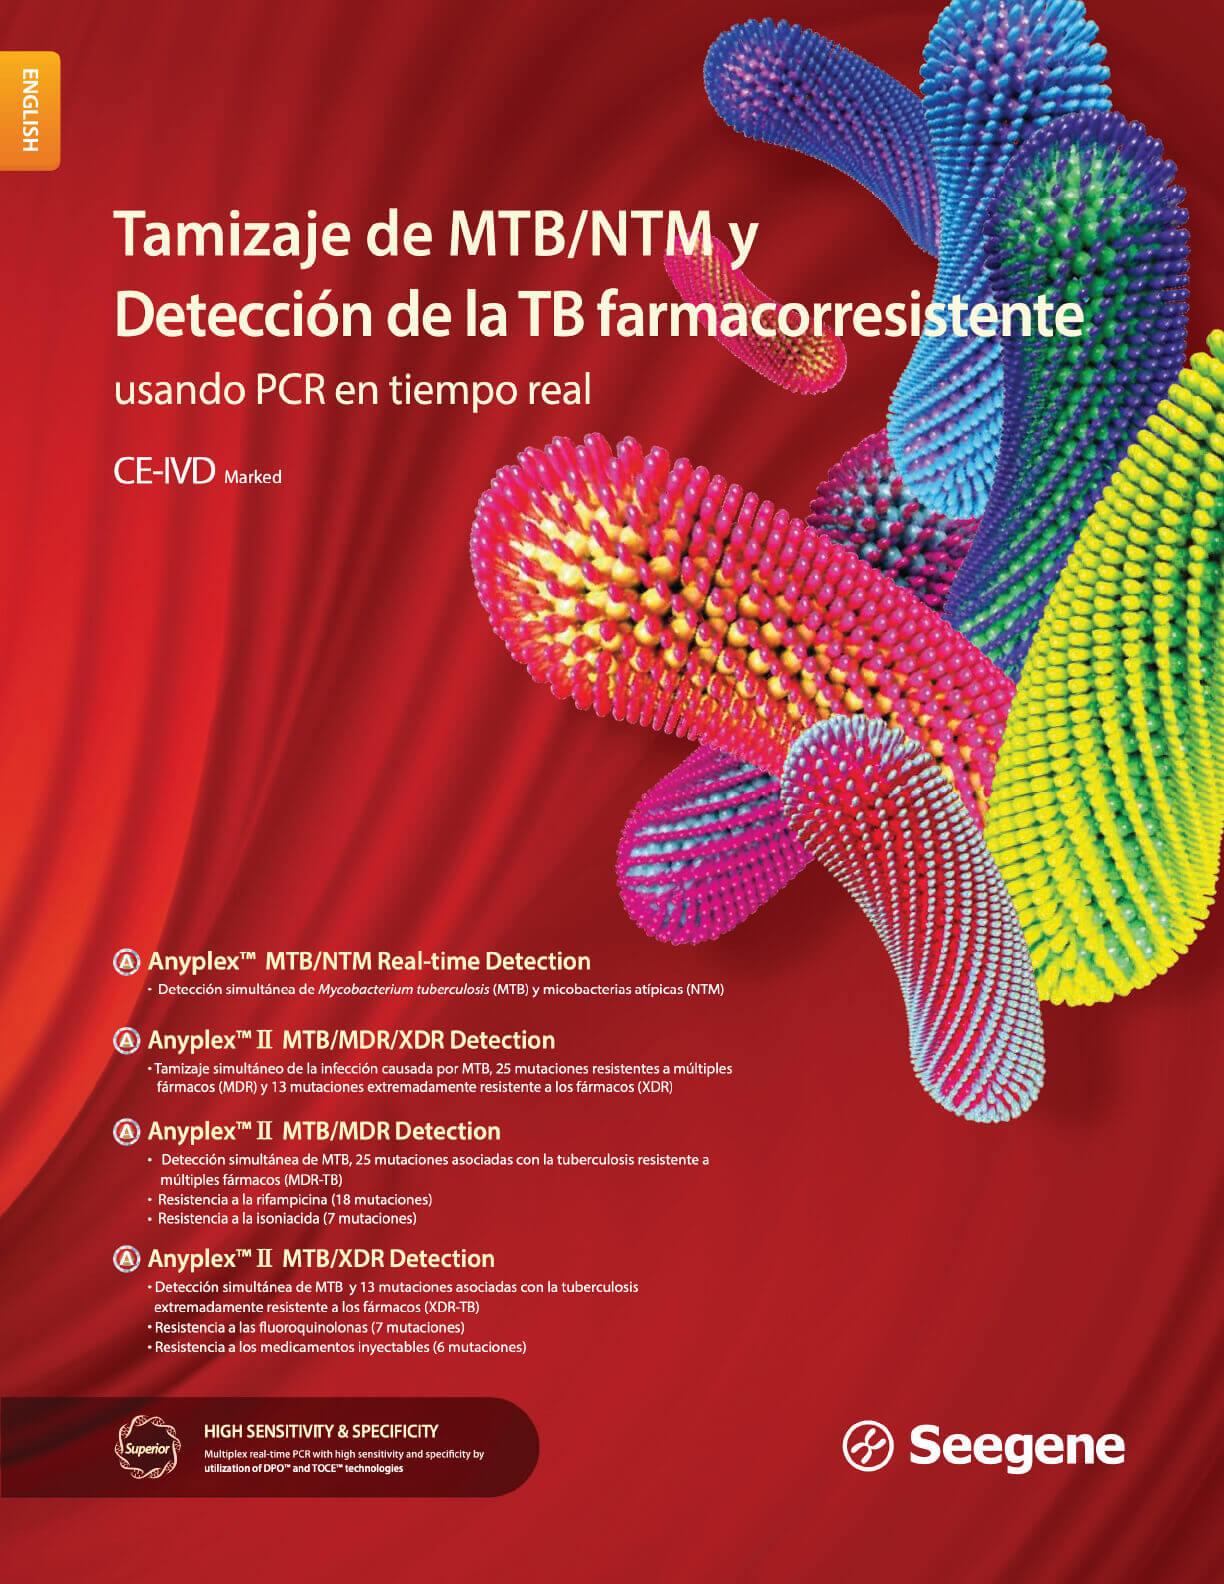 Tamizaje de MTB/NTM y Detección de la TB farmacorresistente